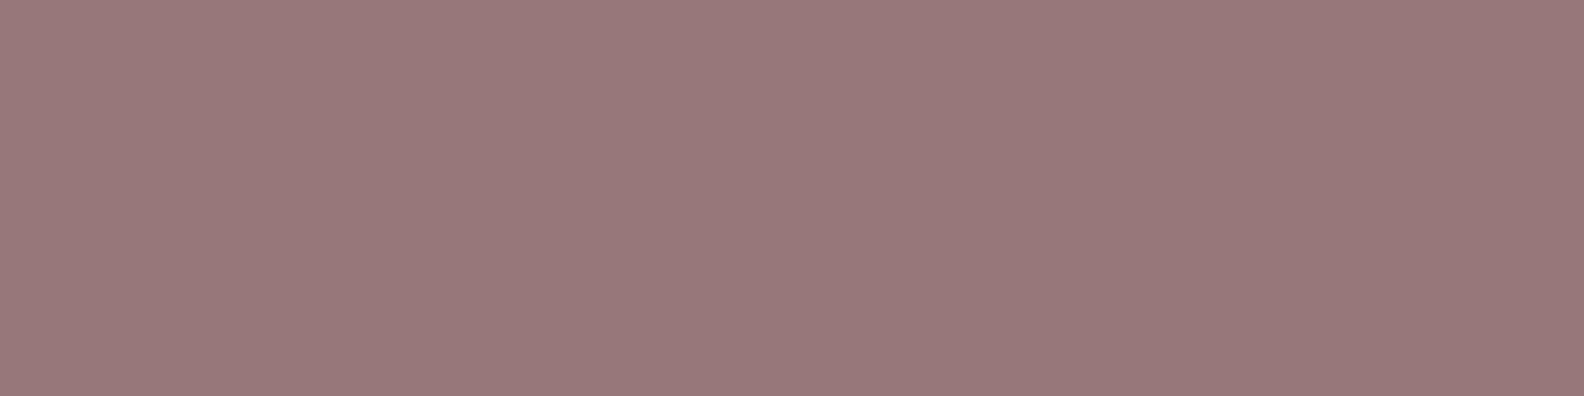 1584x396 Bazaar Solid Color Background